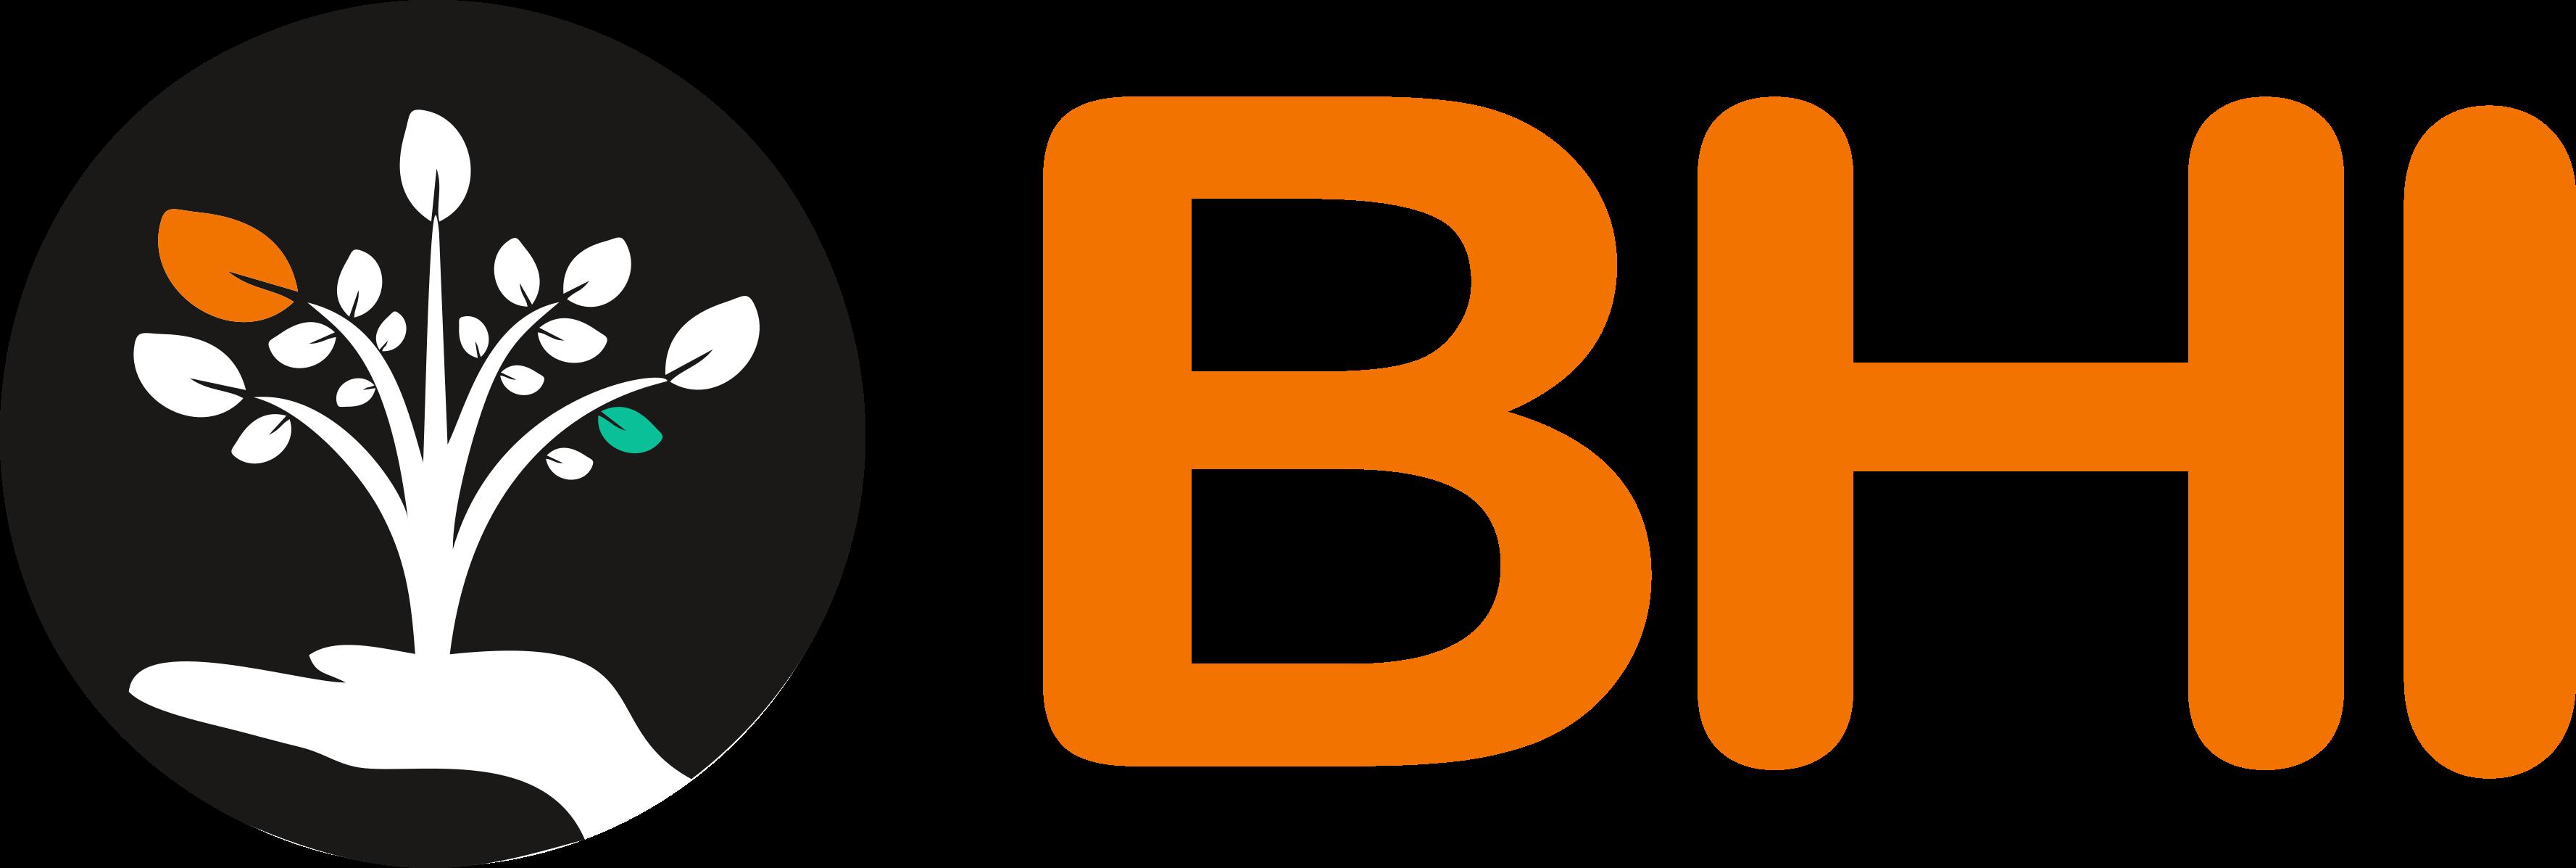 logo bhi